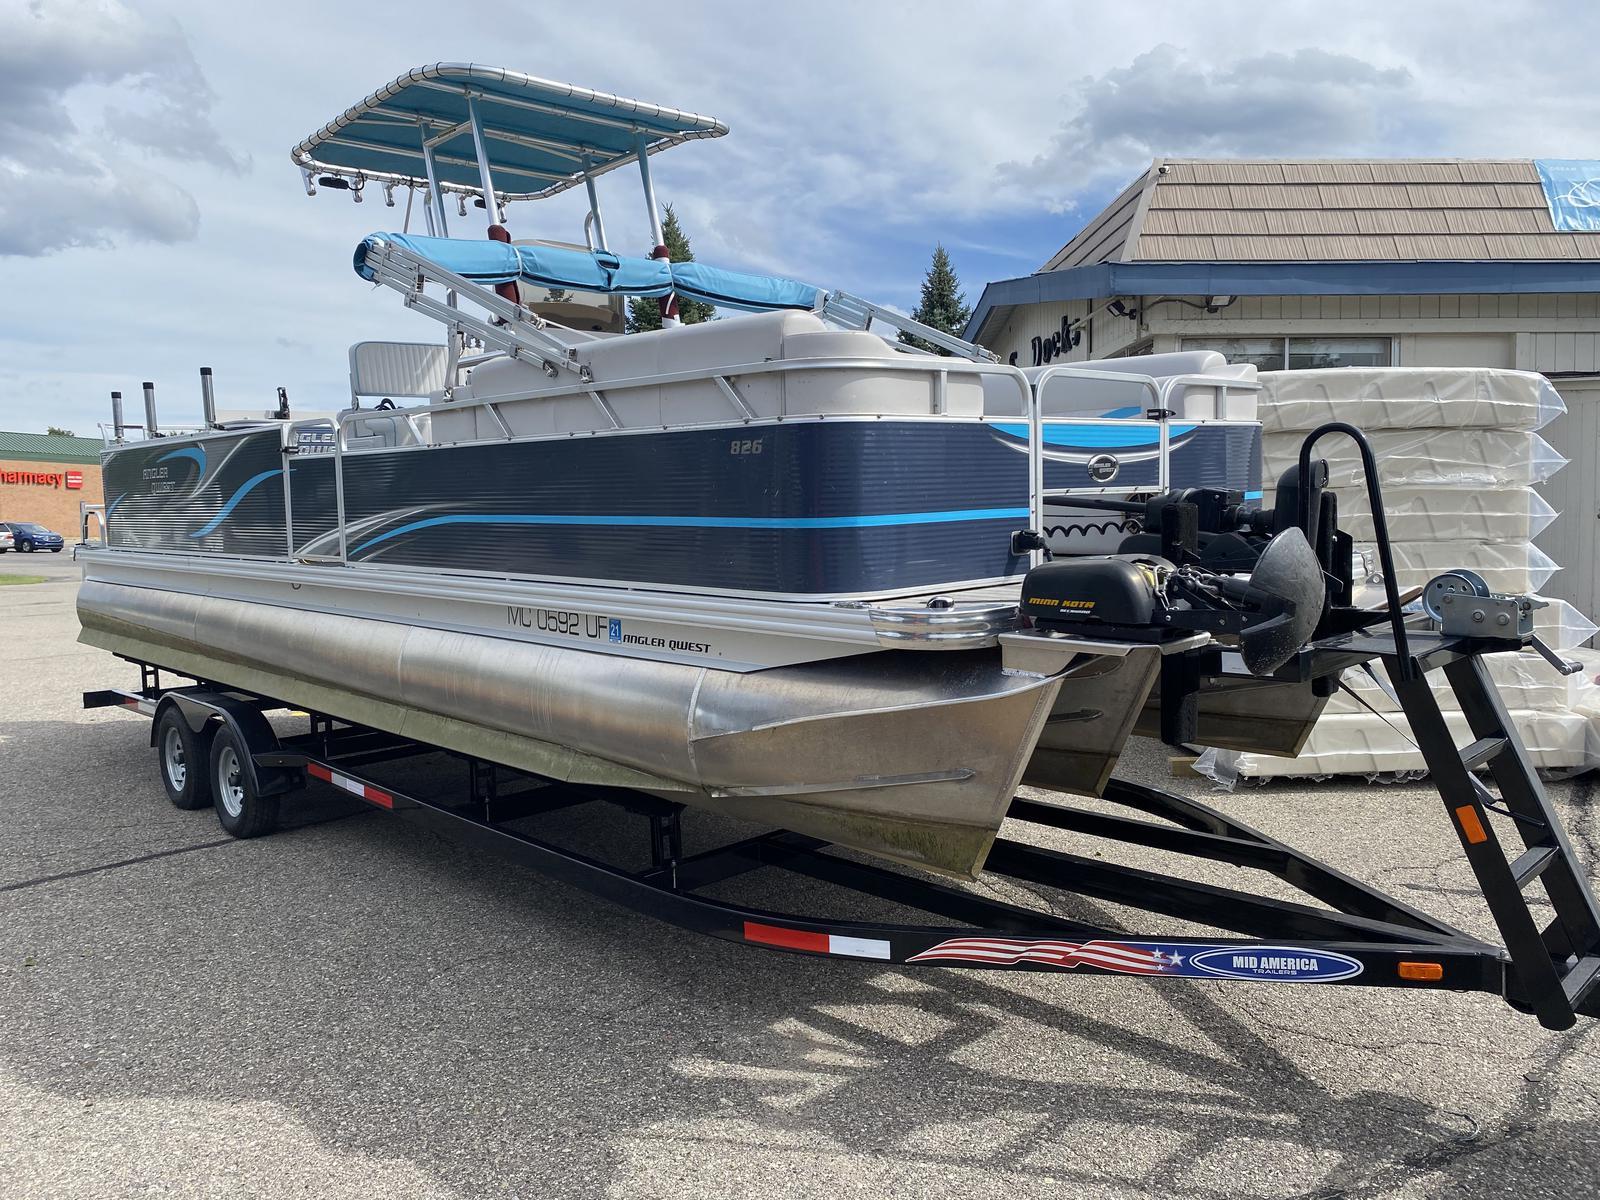 2018 Angler Qwest Pontoons 826 Custom Troller